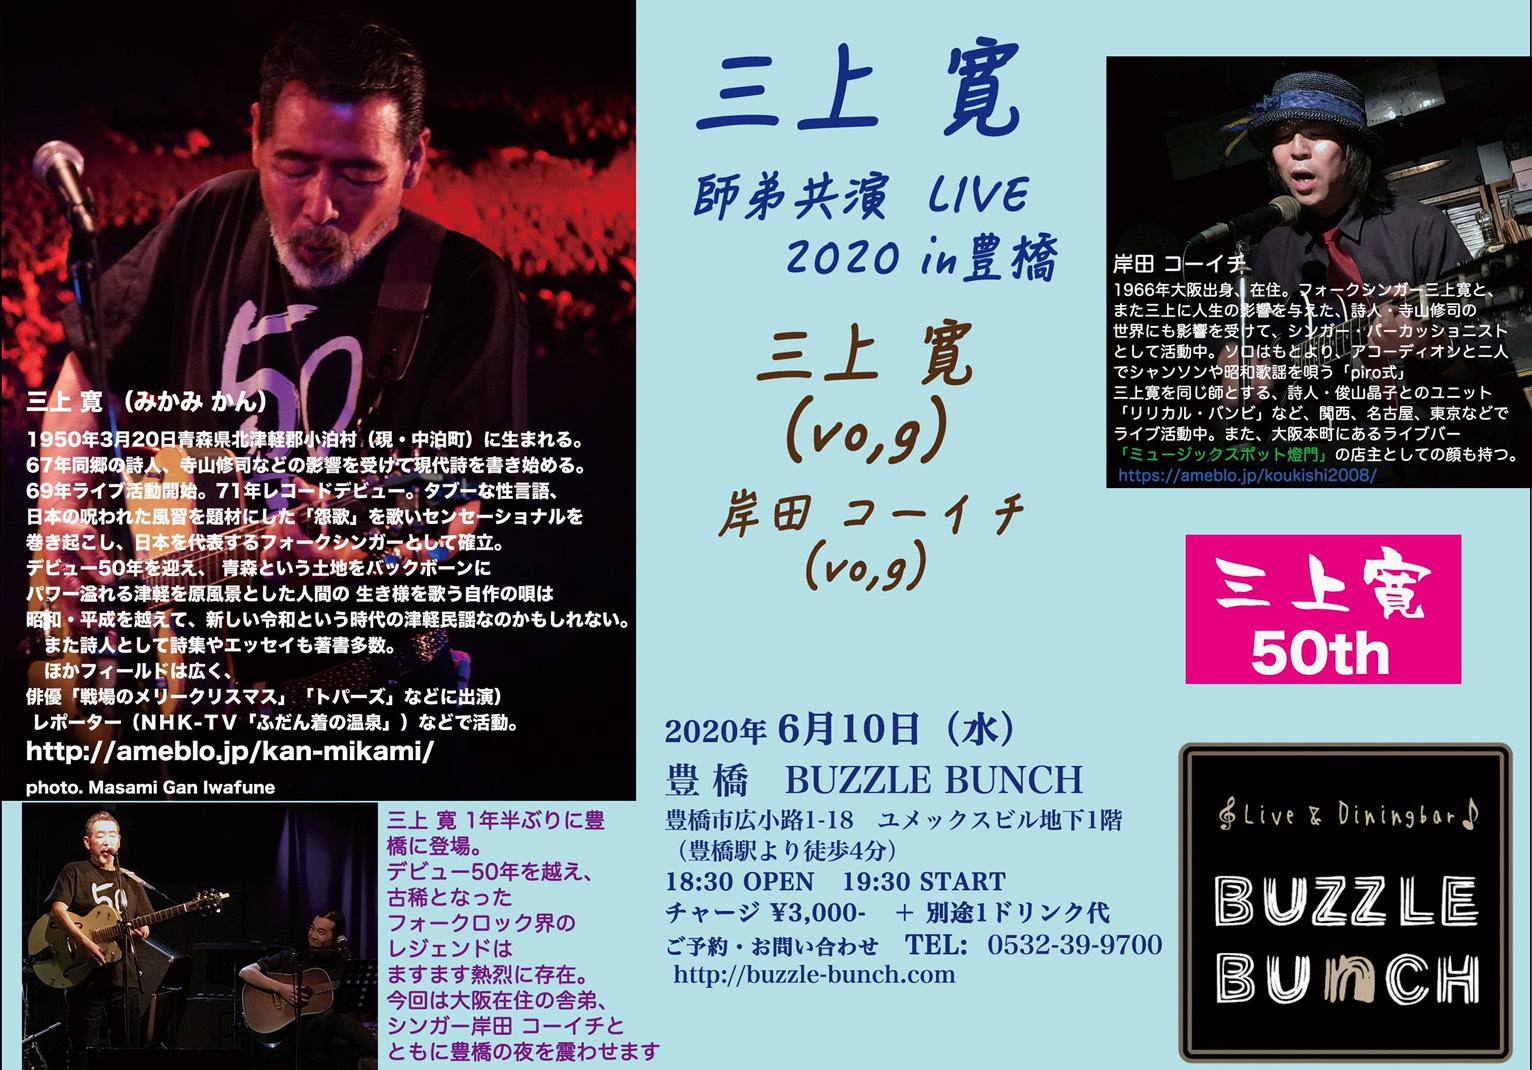 2020年6月10日(水) 三上 寛 師弟共演 LIVE 2020 in 豊橋